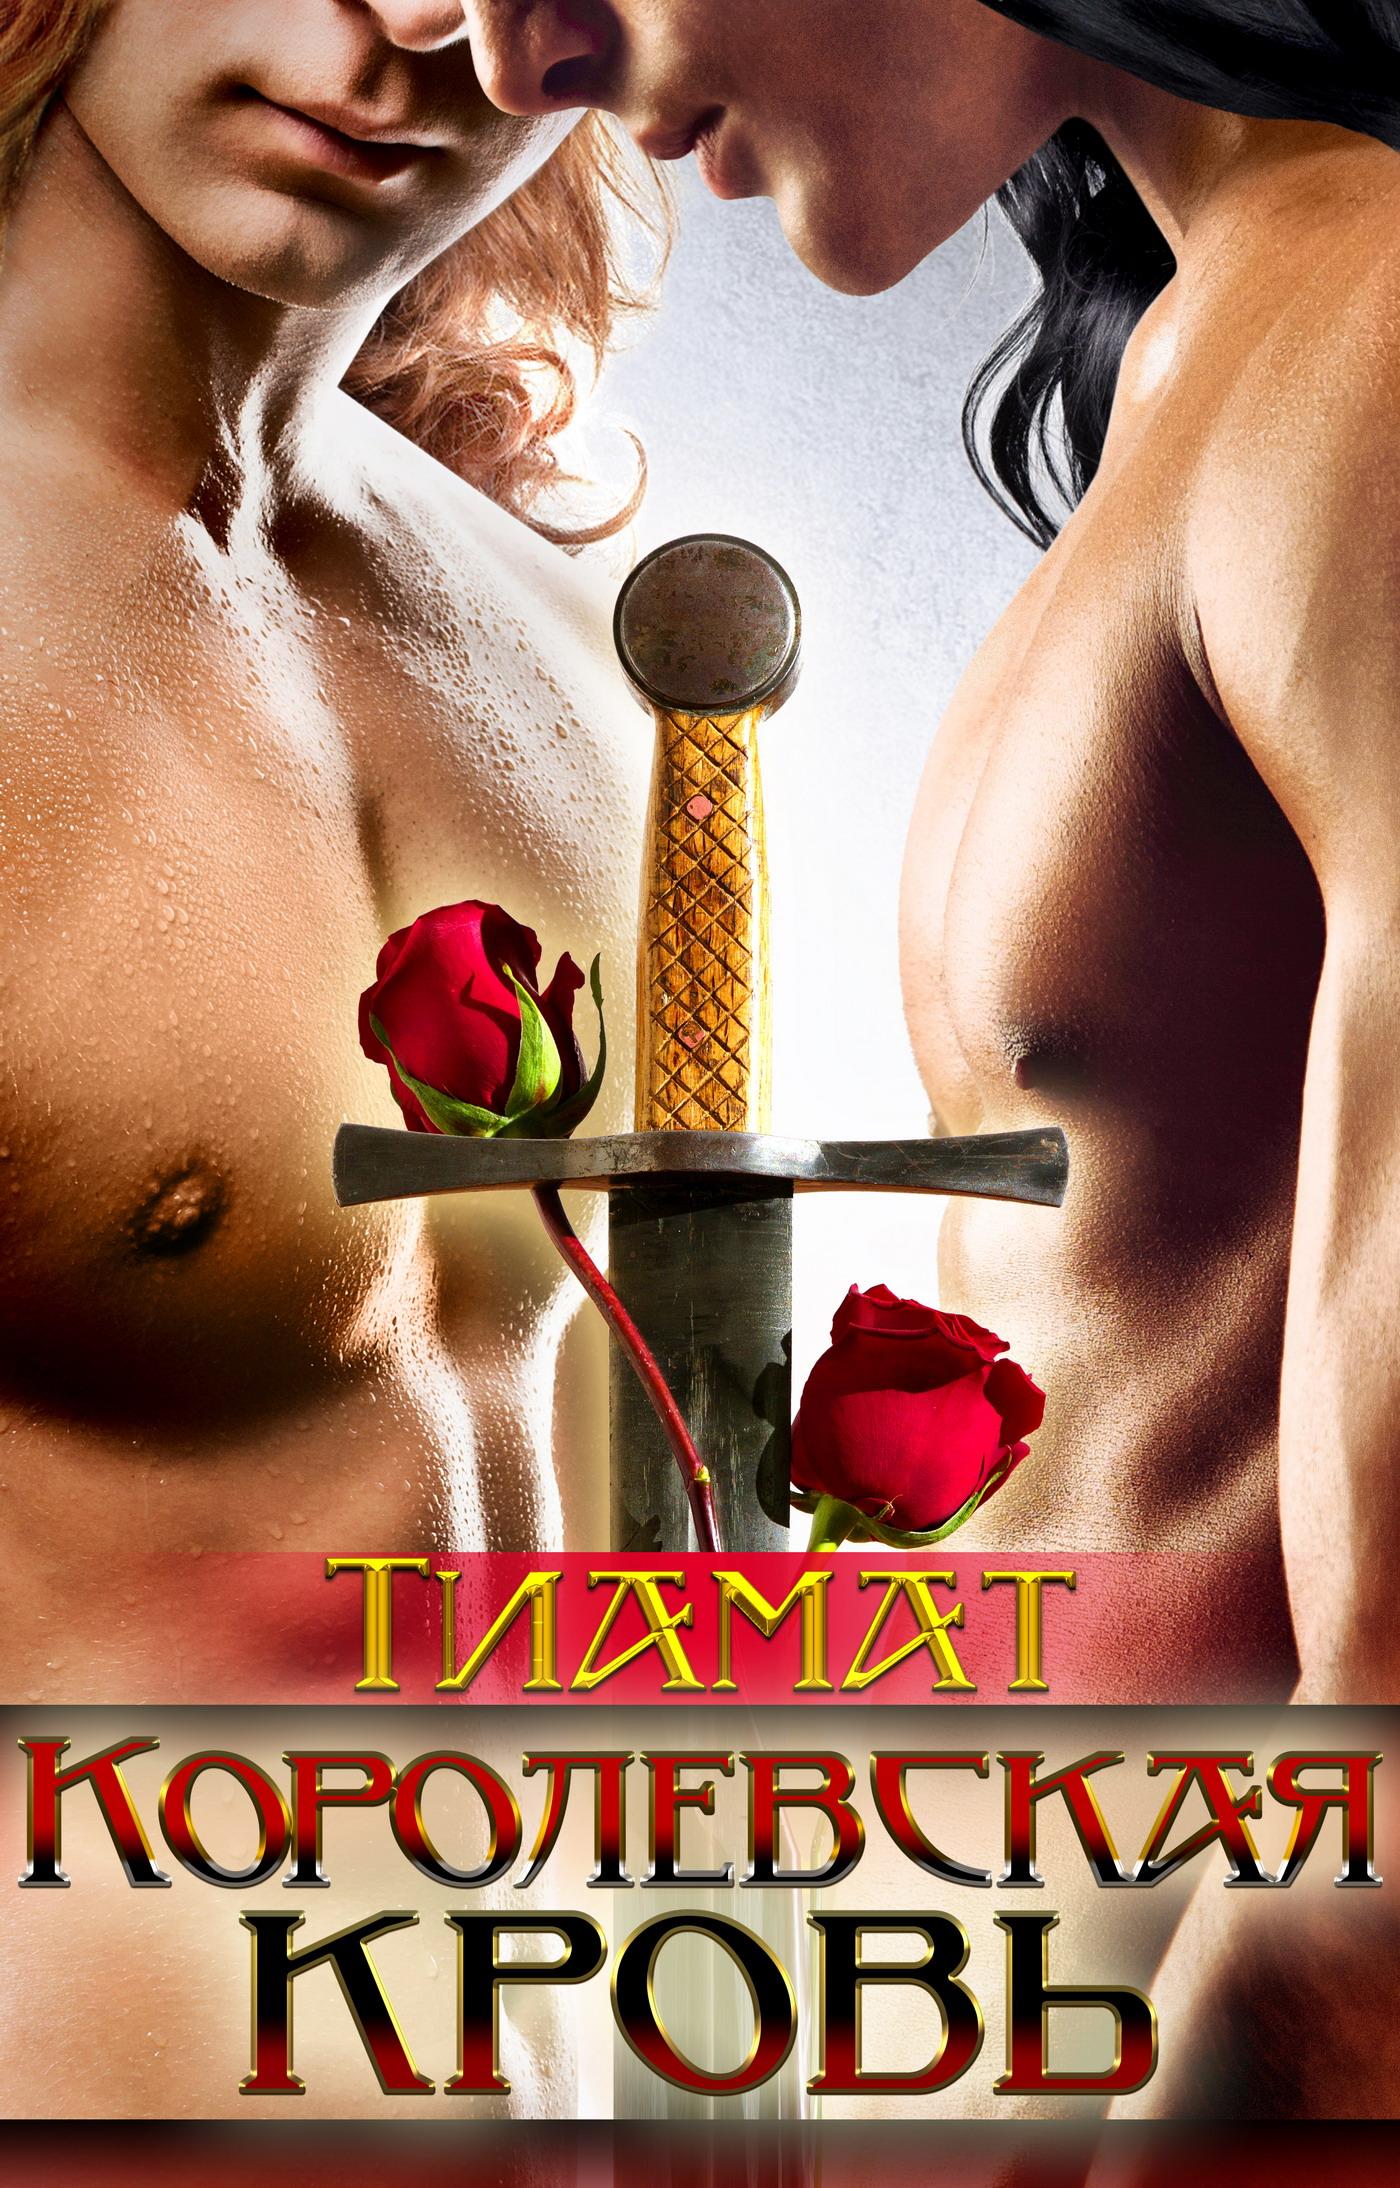 Секс на королевской крови